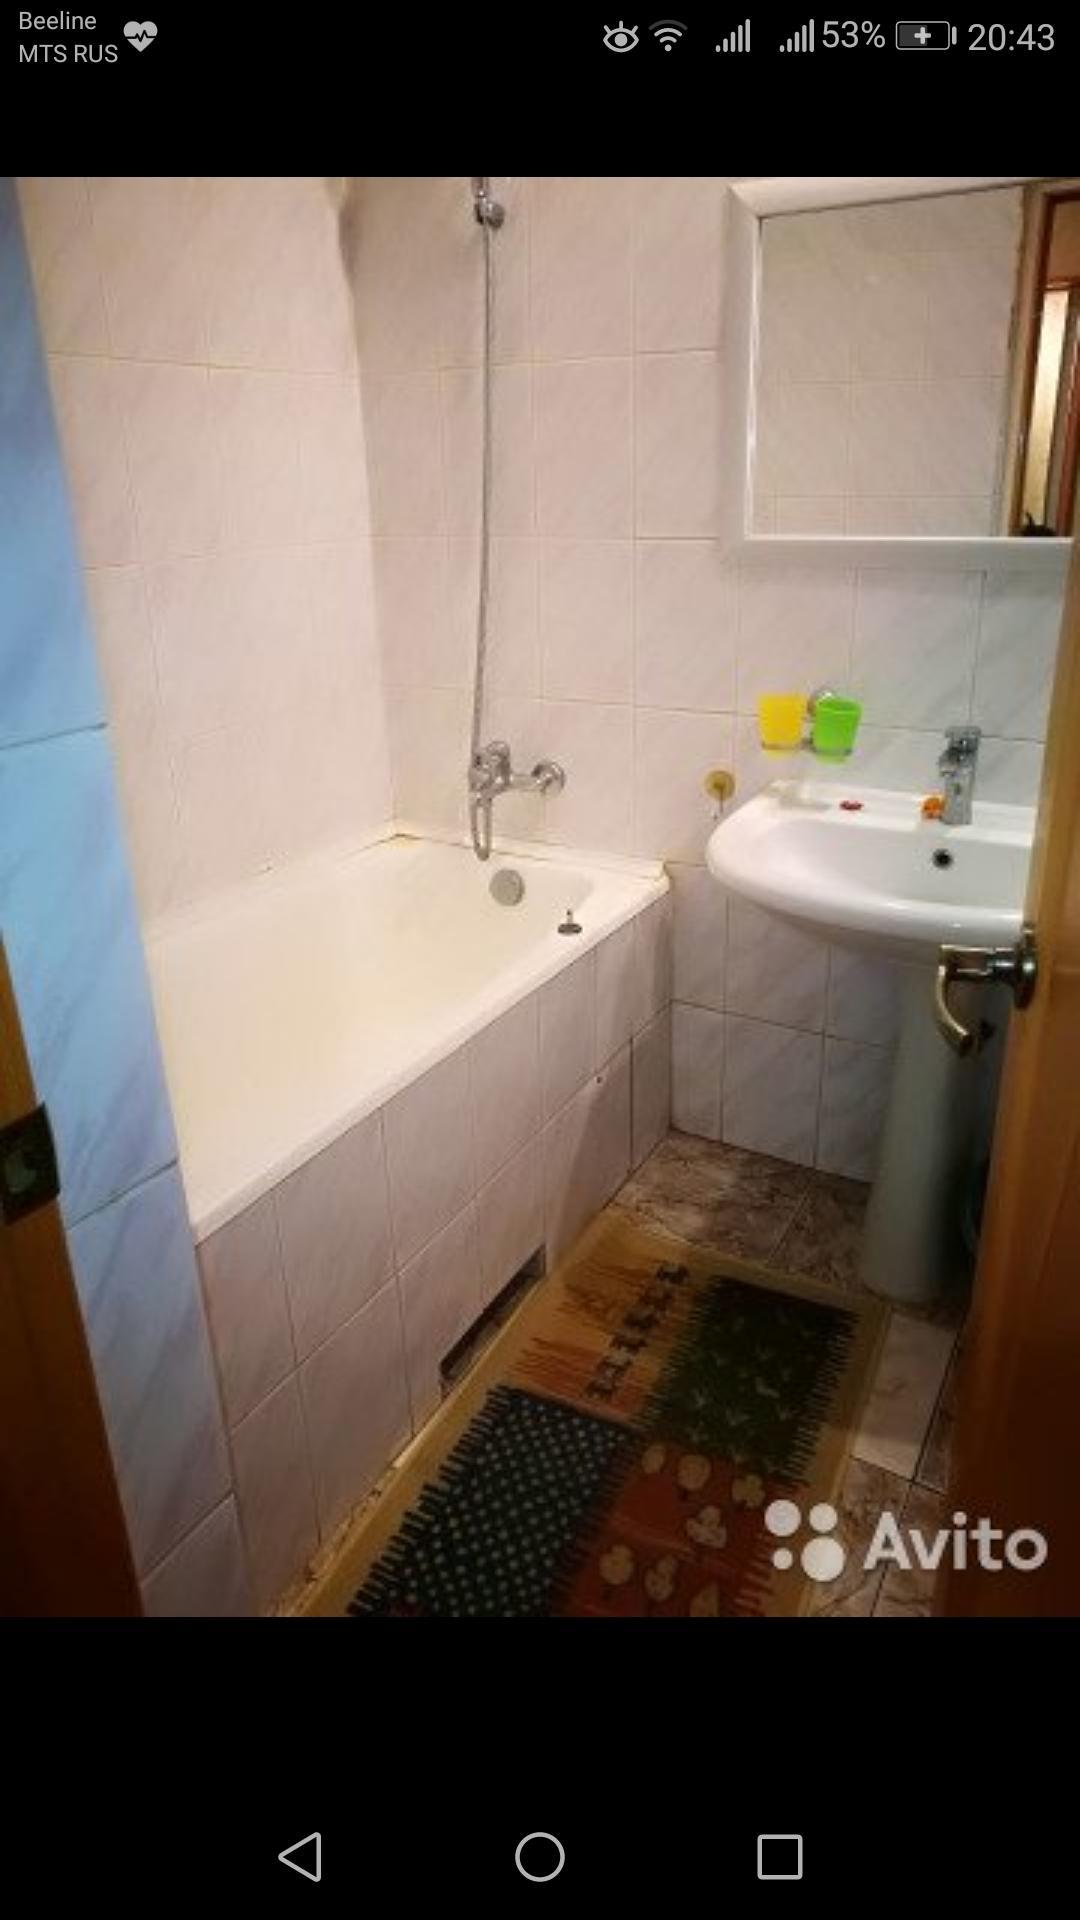 Квартира, 3 комнаты, 57.6 м² в Мытищах 89030184441 купить 10